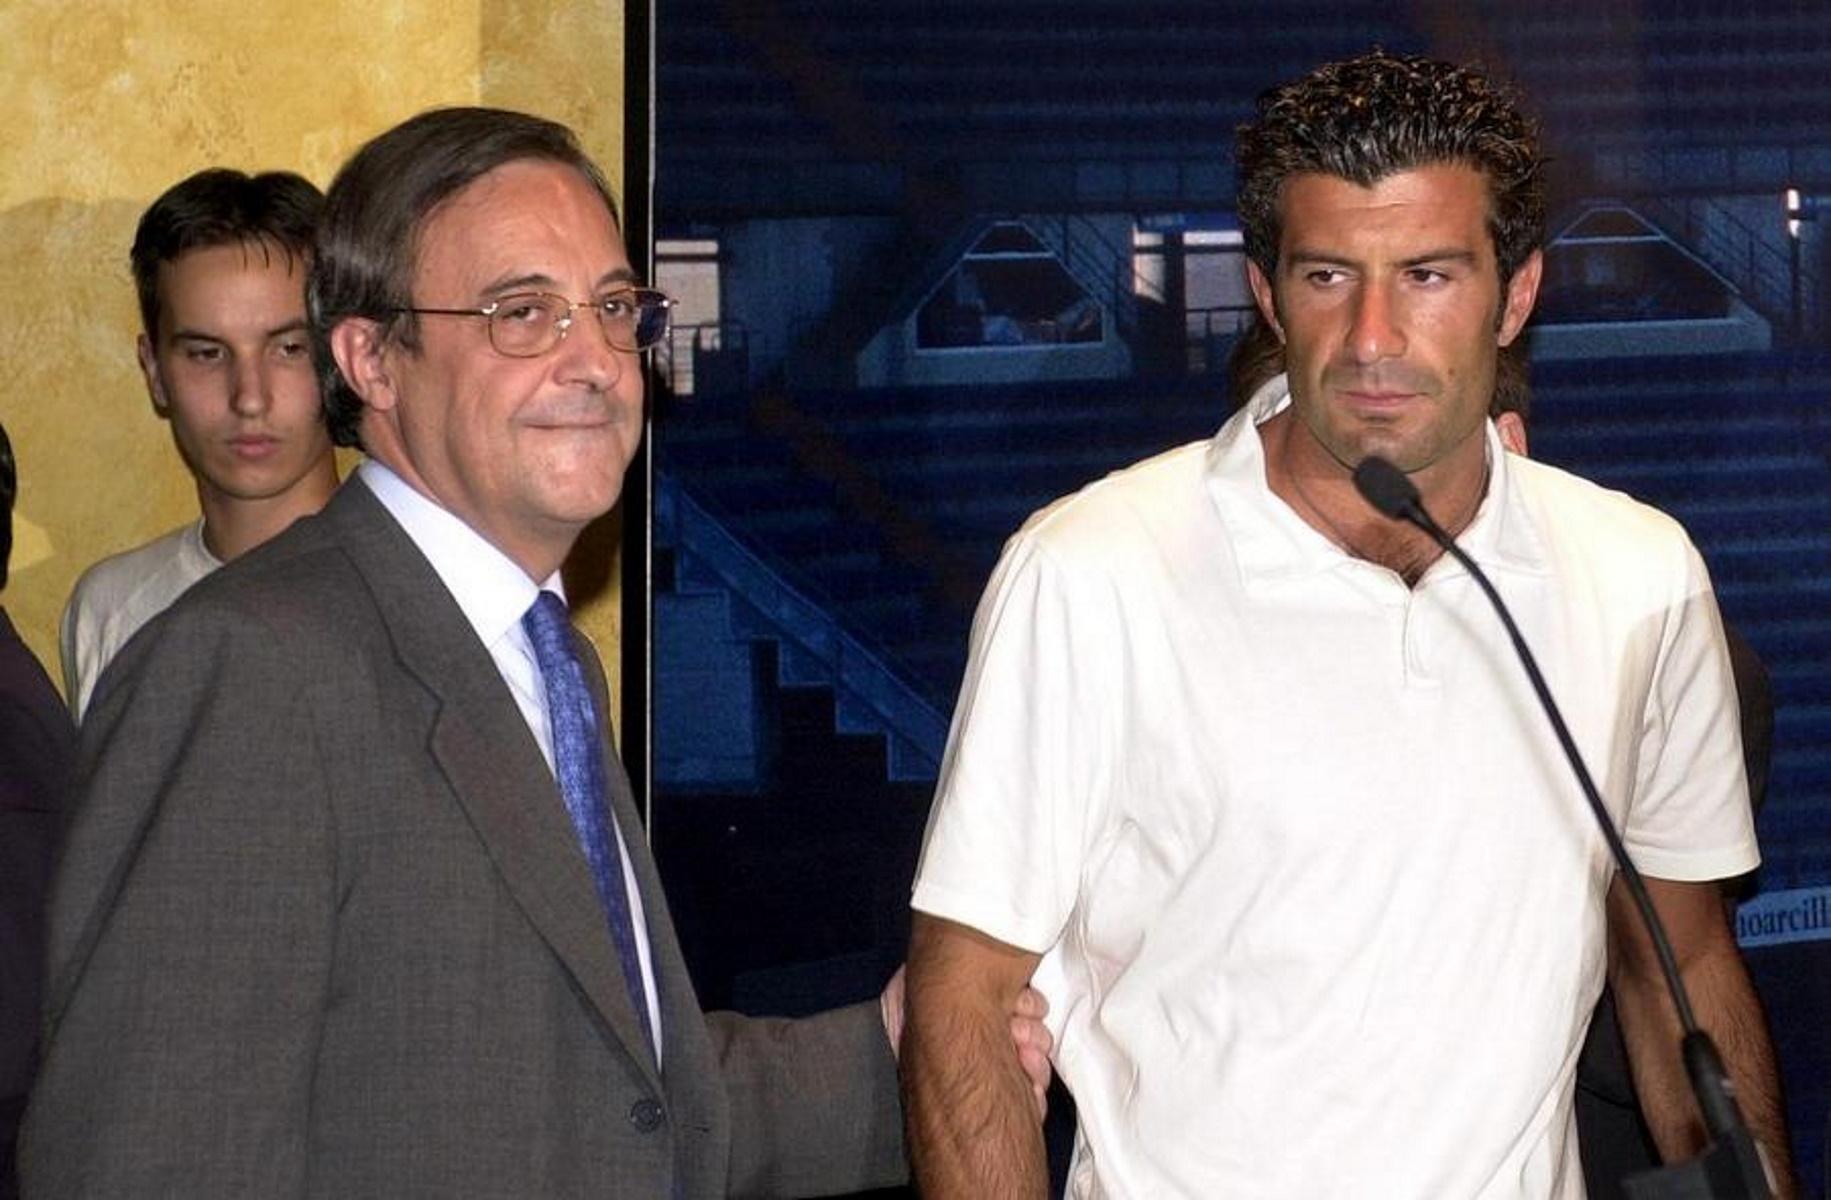 Φλορεντίνο Πέρεθ κατά Λουίς Φίγκο: «Ήταν π@@@ας γιος, έκανε μπ@@@λο την Ρεάλ»